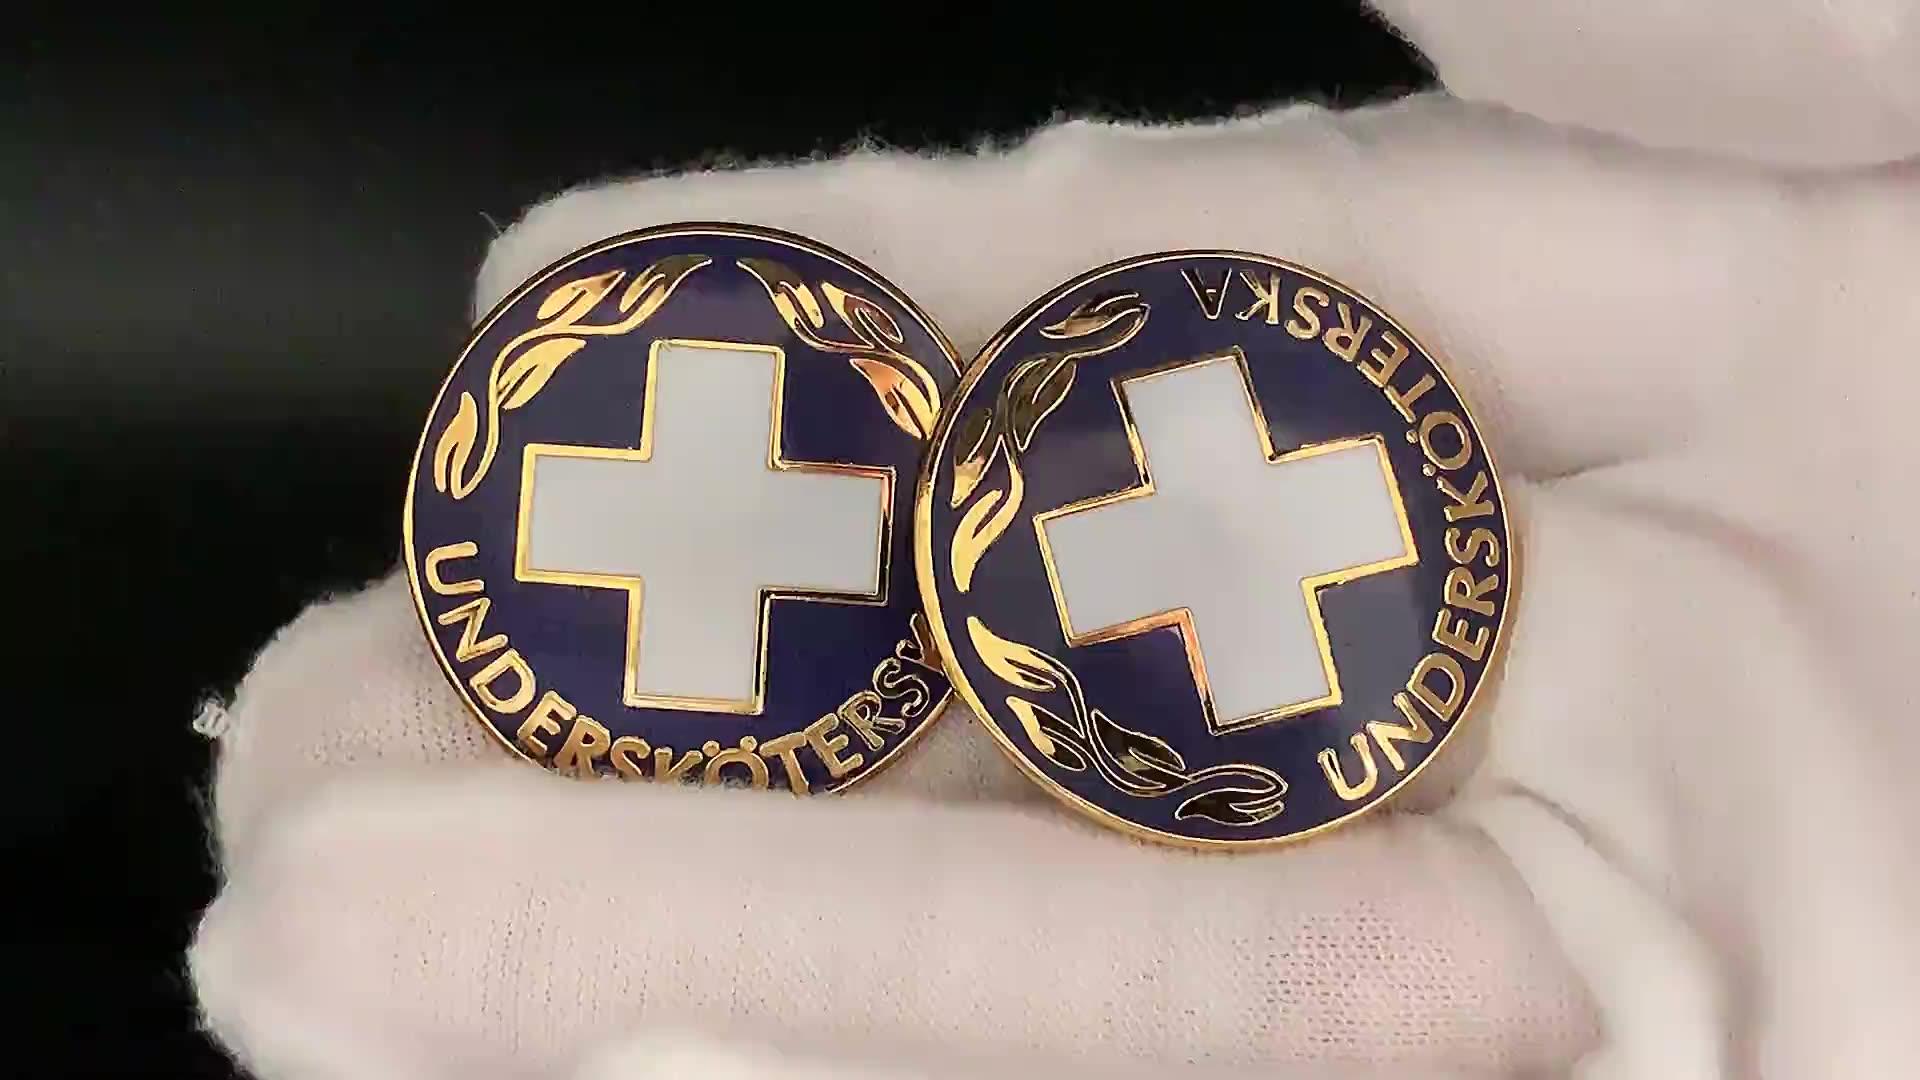 Nuovo prodotto Croce Rossa Ospedale loghi in lega di zinco in ottone materiale duro smalto perni del risvolto badge